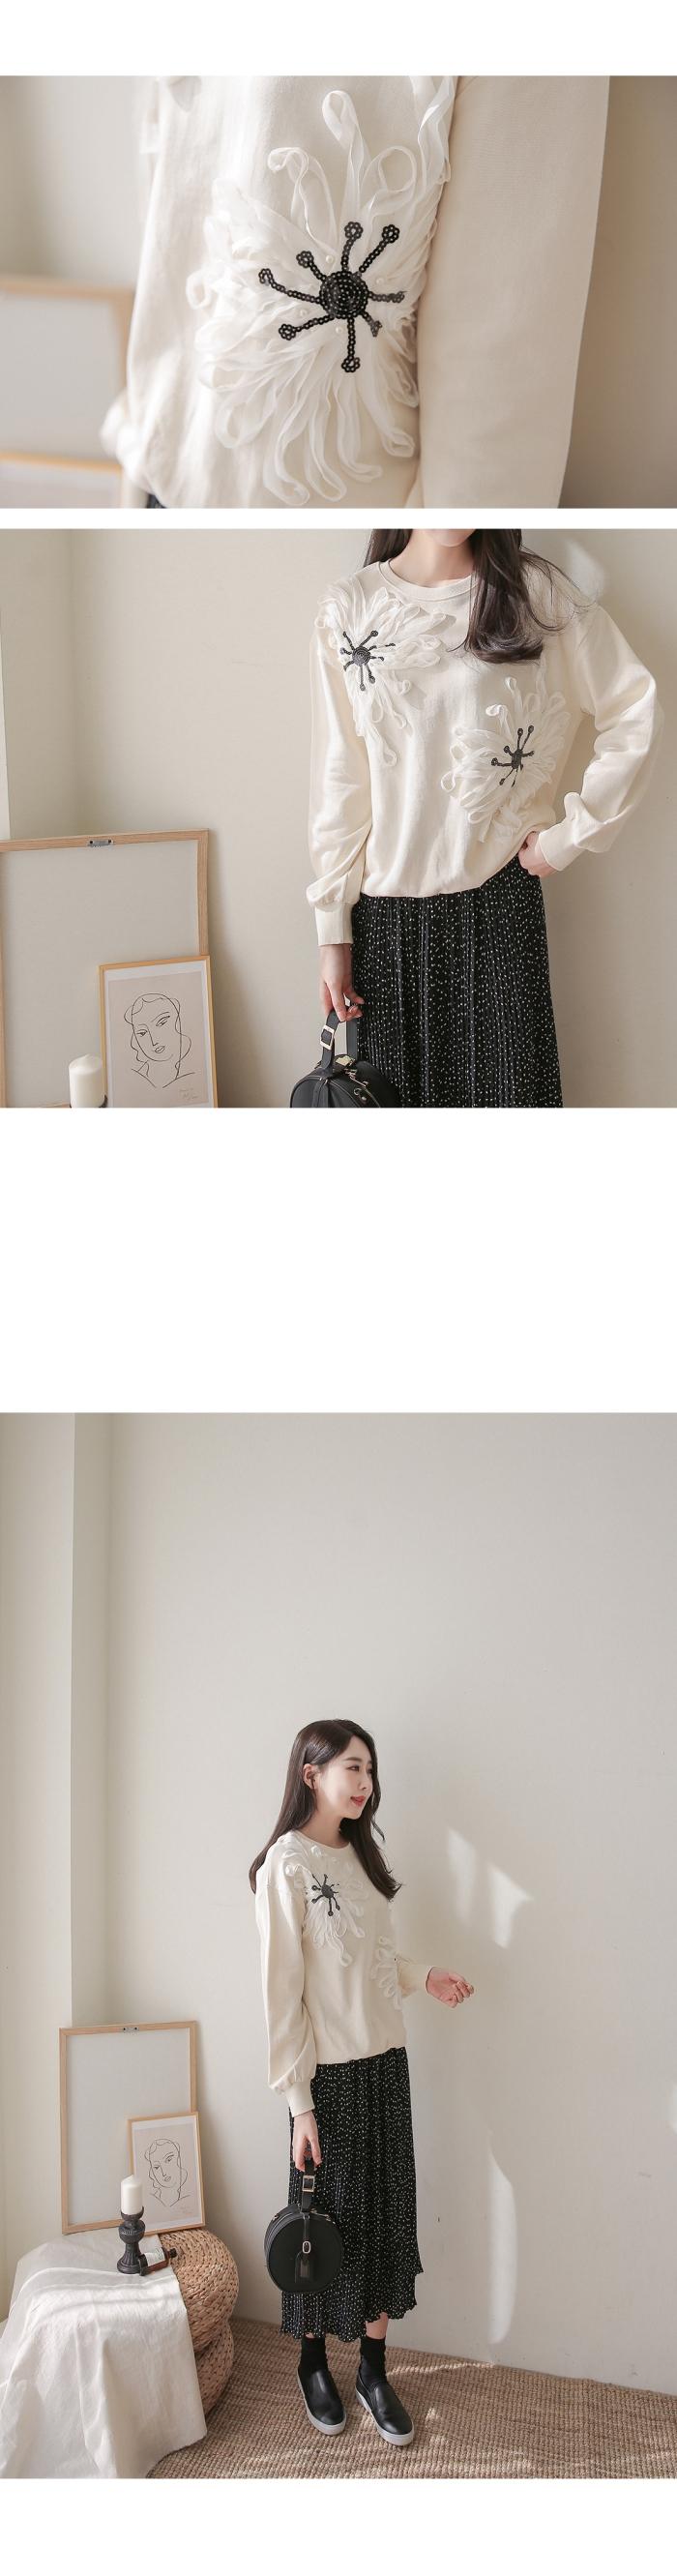 蕾絲立體繡花上衣